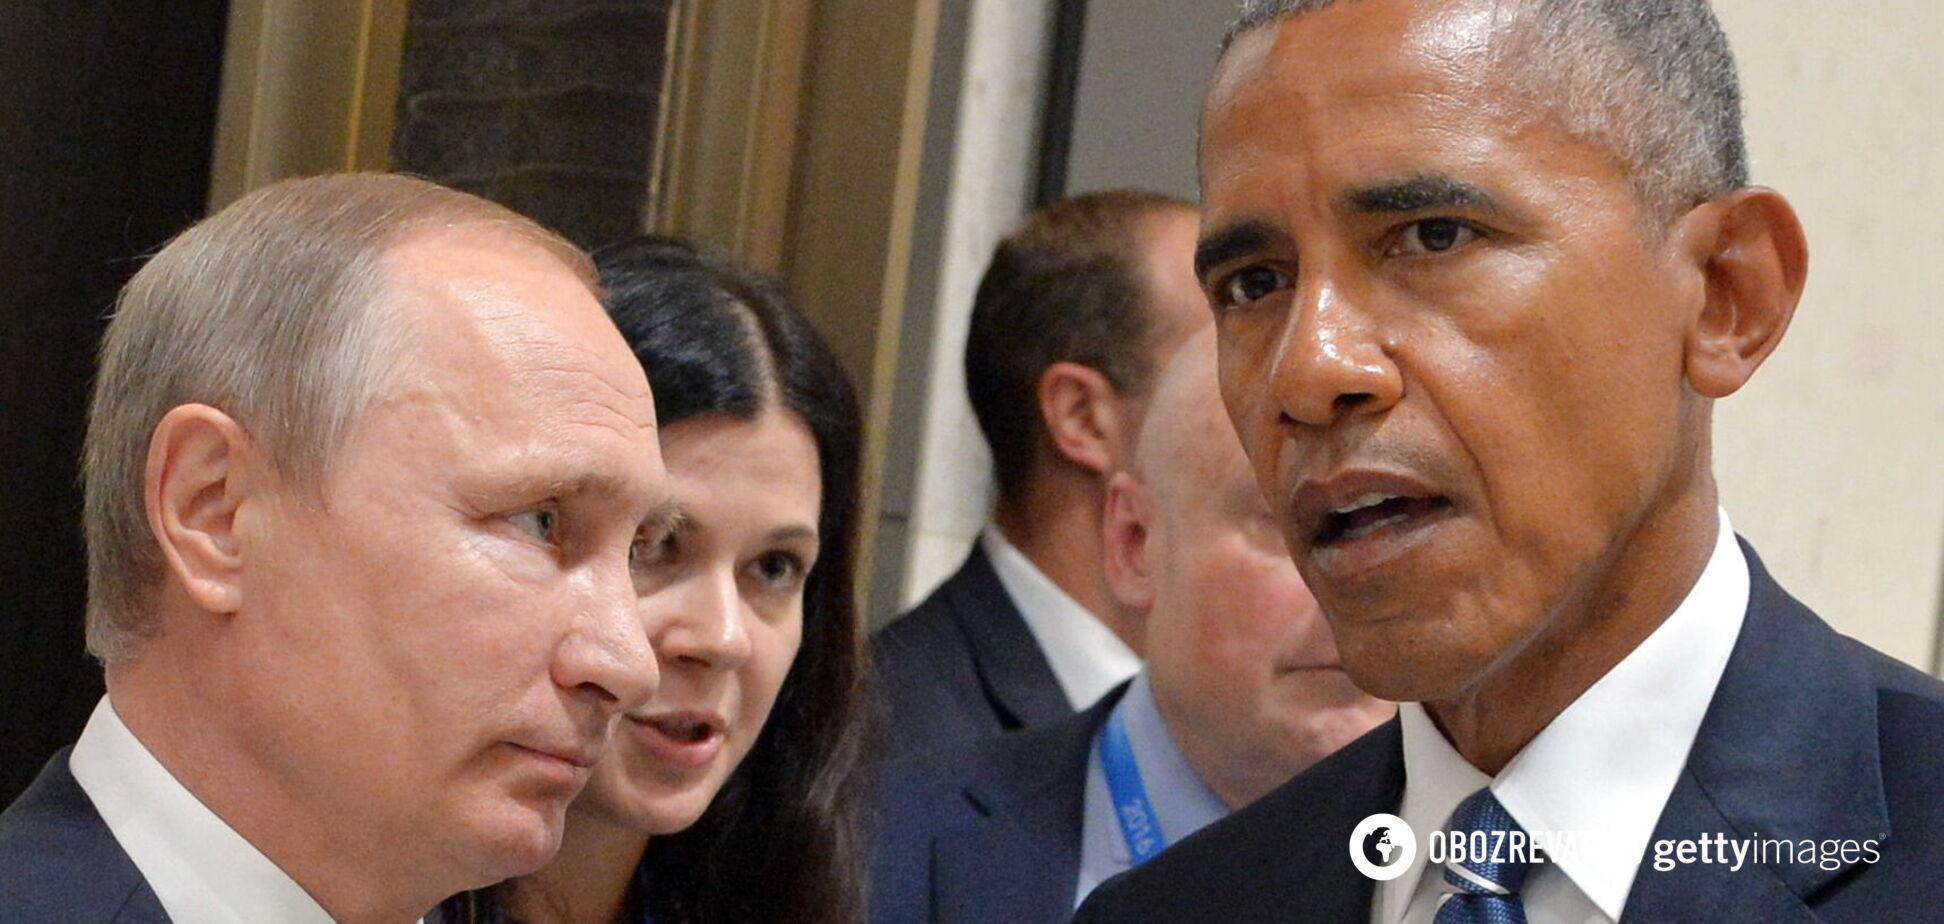 Обама назвал Путина 'жестким уличным боссом', а Медведева – 'стилягой в костюме'